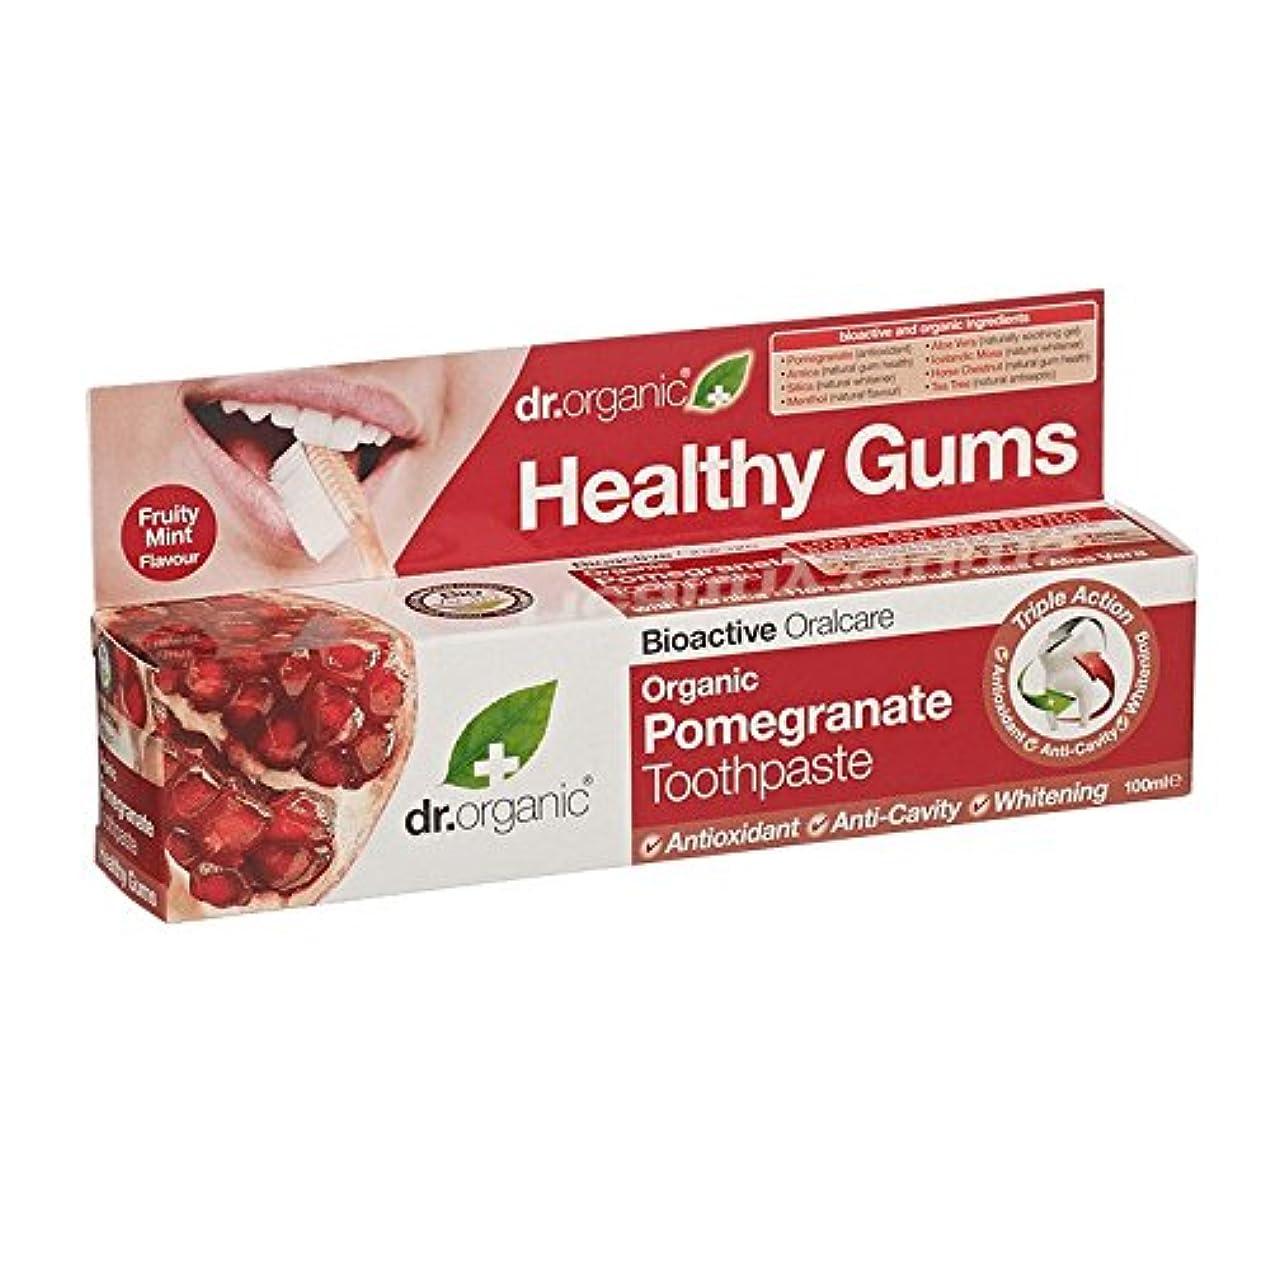 国家くそー一方、Dr有機ザクロ歯磨き粉 - Dr Organic Pomegranate Toothpaste (Dr Organic) [並行輸入品]